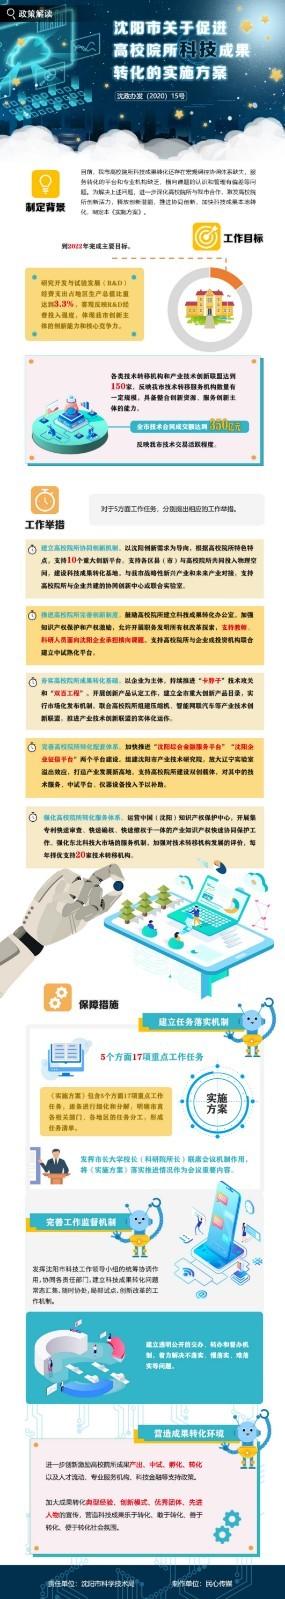 沈阳市人民政府办公室关于印发沈阳市促进高校院所科技成果转化实施方案的通知(沈政办发〔2020〕15号)